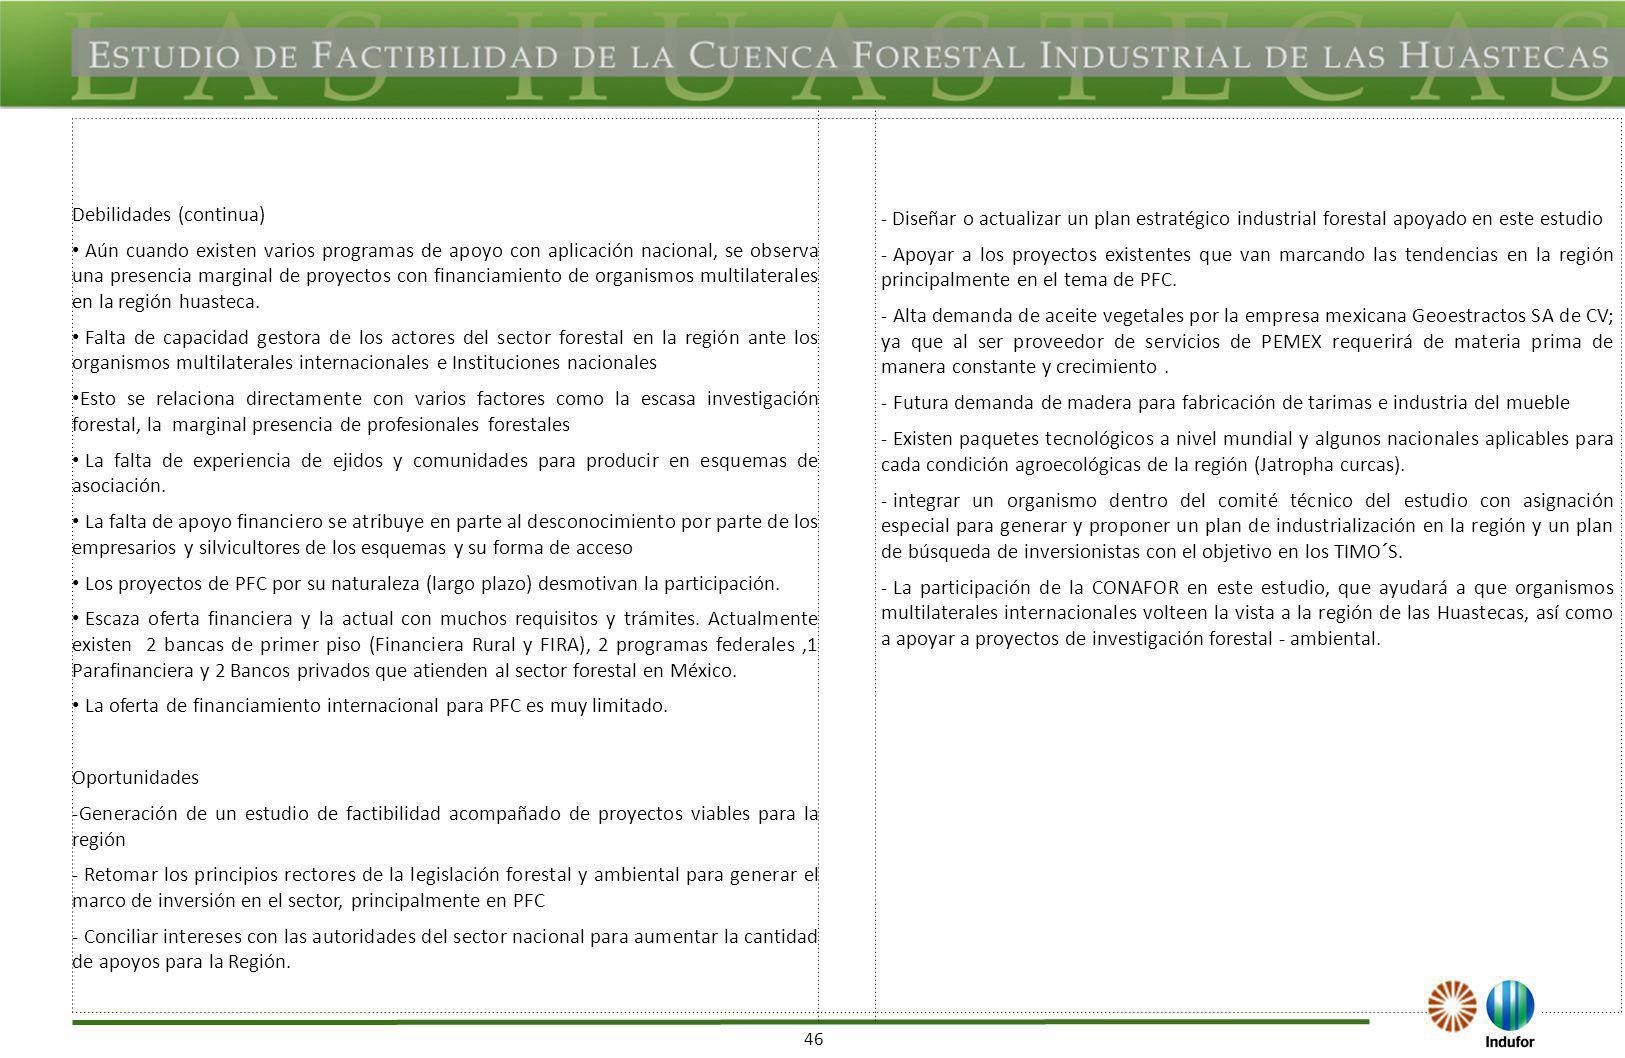 Amenazas Aumento en las importaciones traerá el aumento desplazamiento de productos forestales mexicanos.